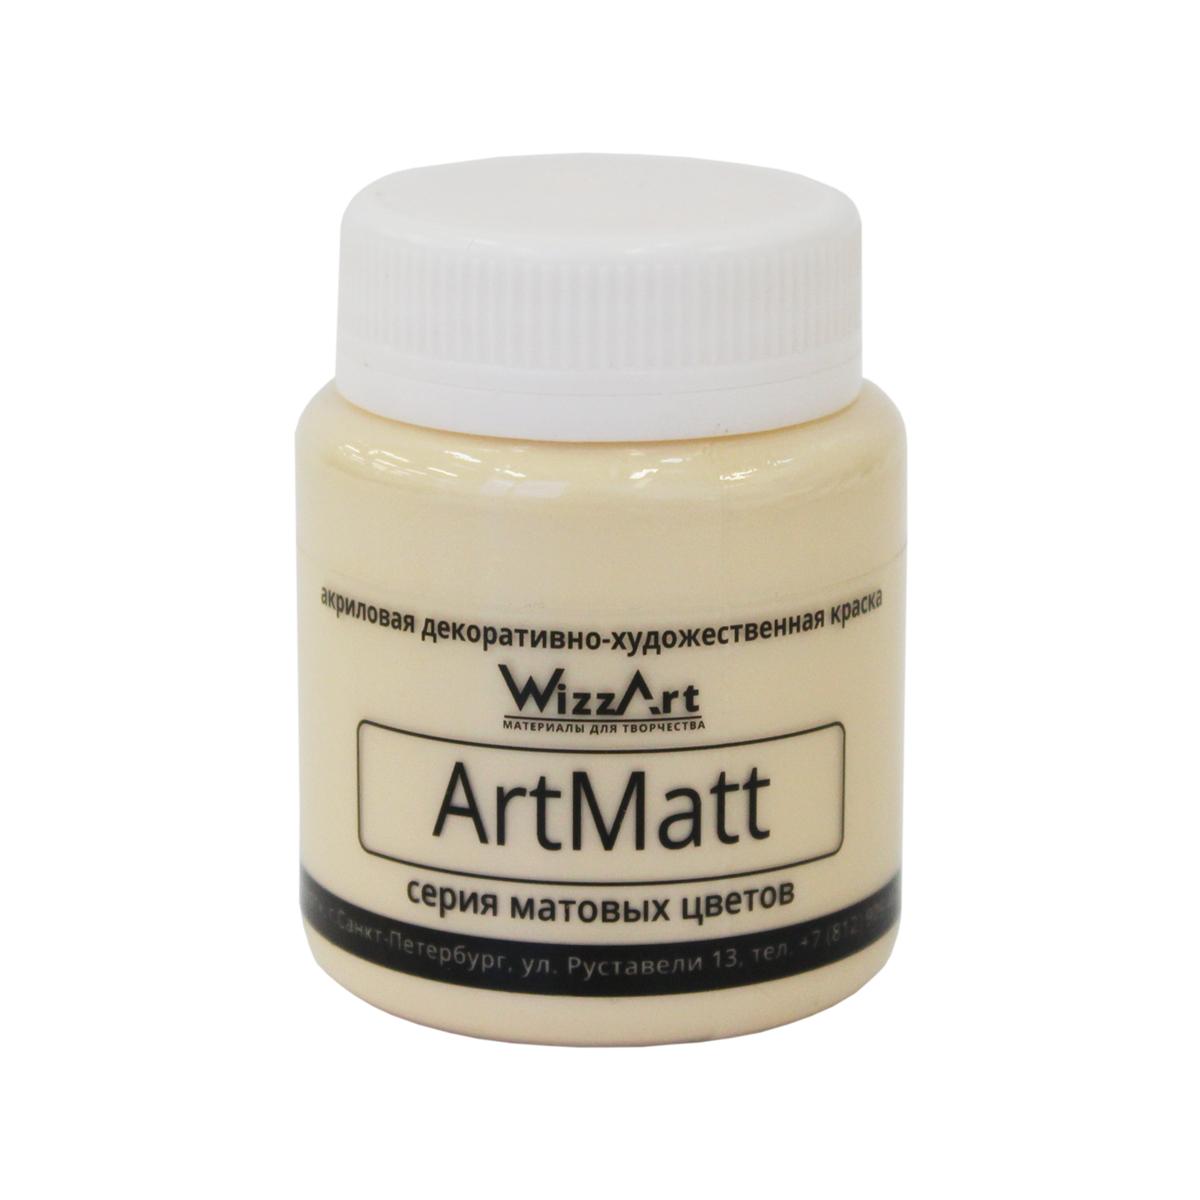 Краска акриловая Wizzart ArtMatt, цвет: телесный, 80 мл499999